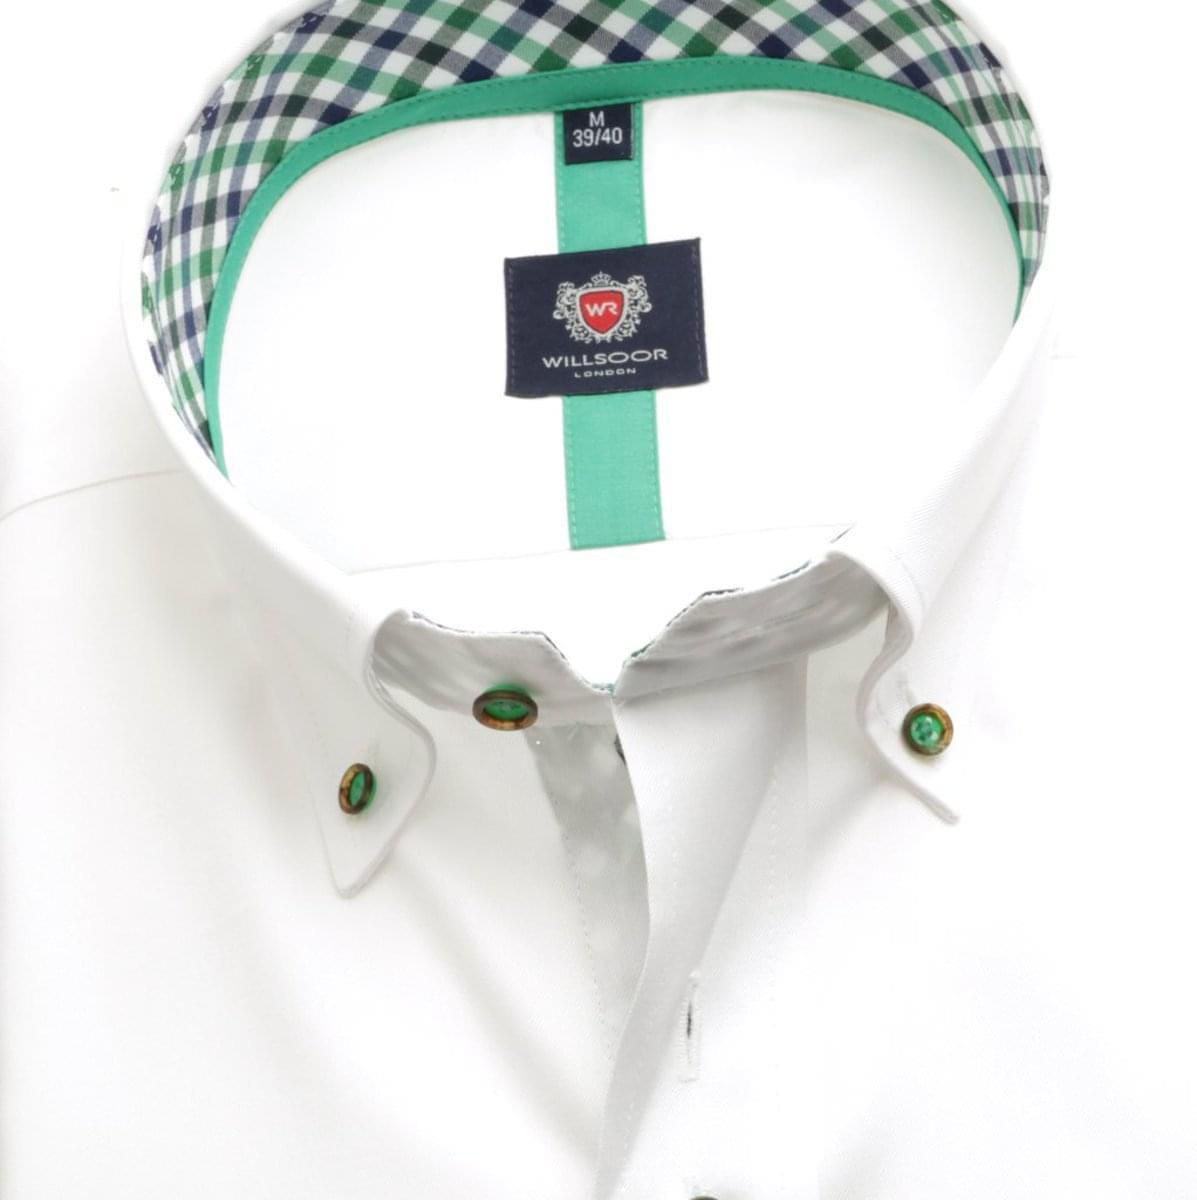 Pánská košile London v bílé barvě (výška 176-182) 5499 176-182 / XL (43/44)